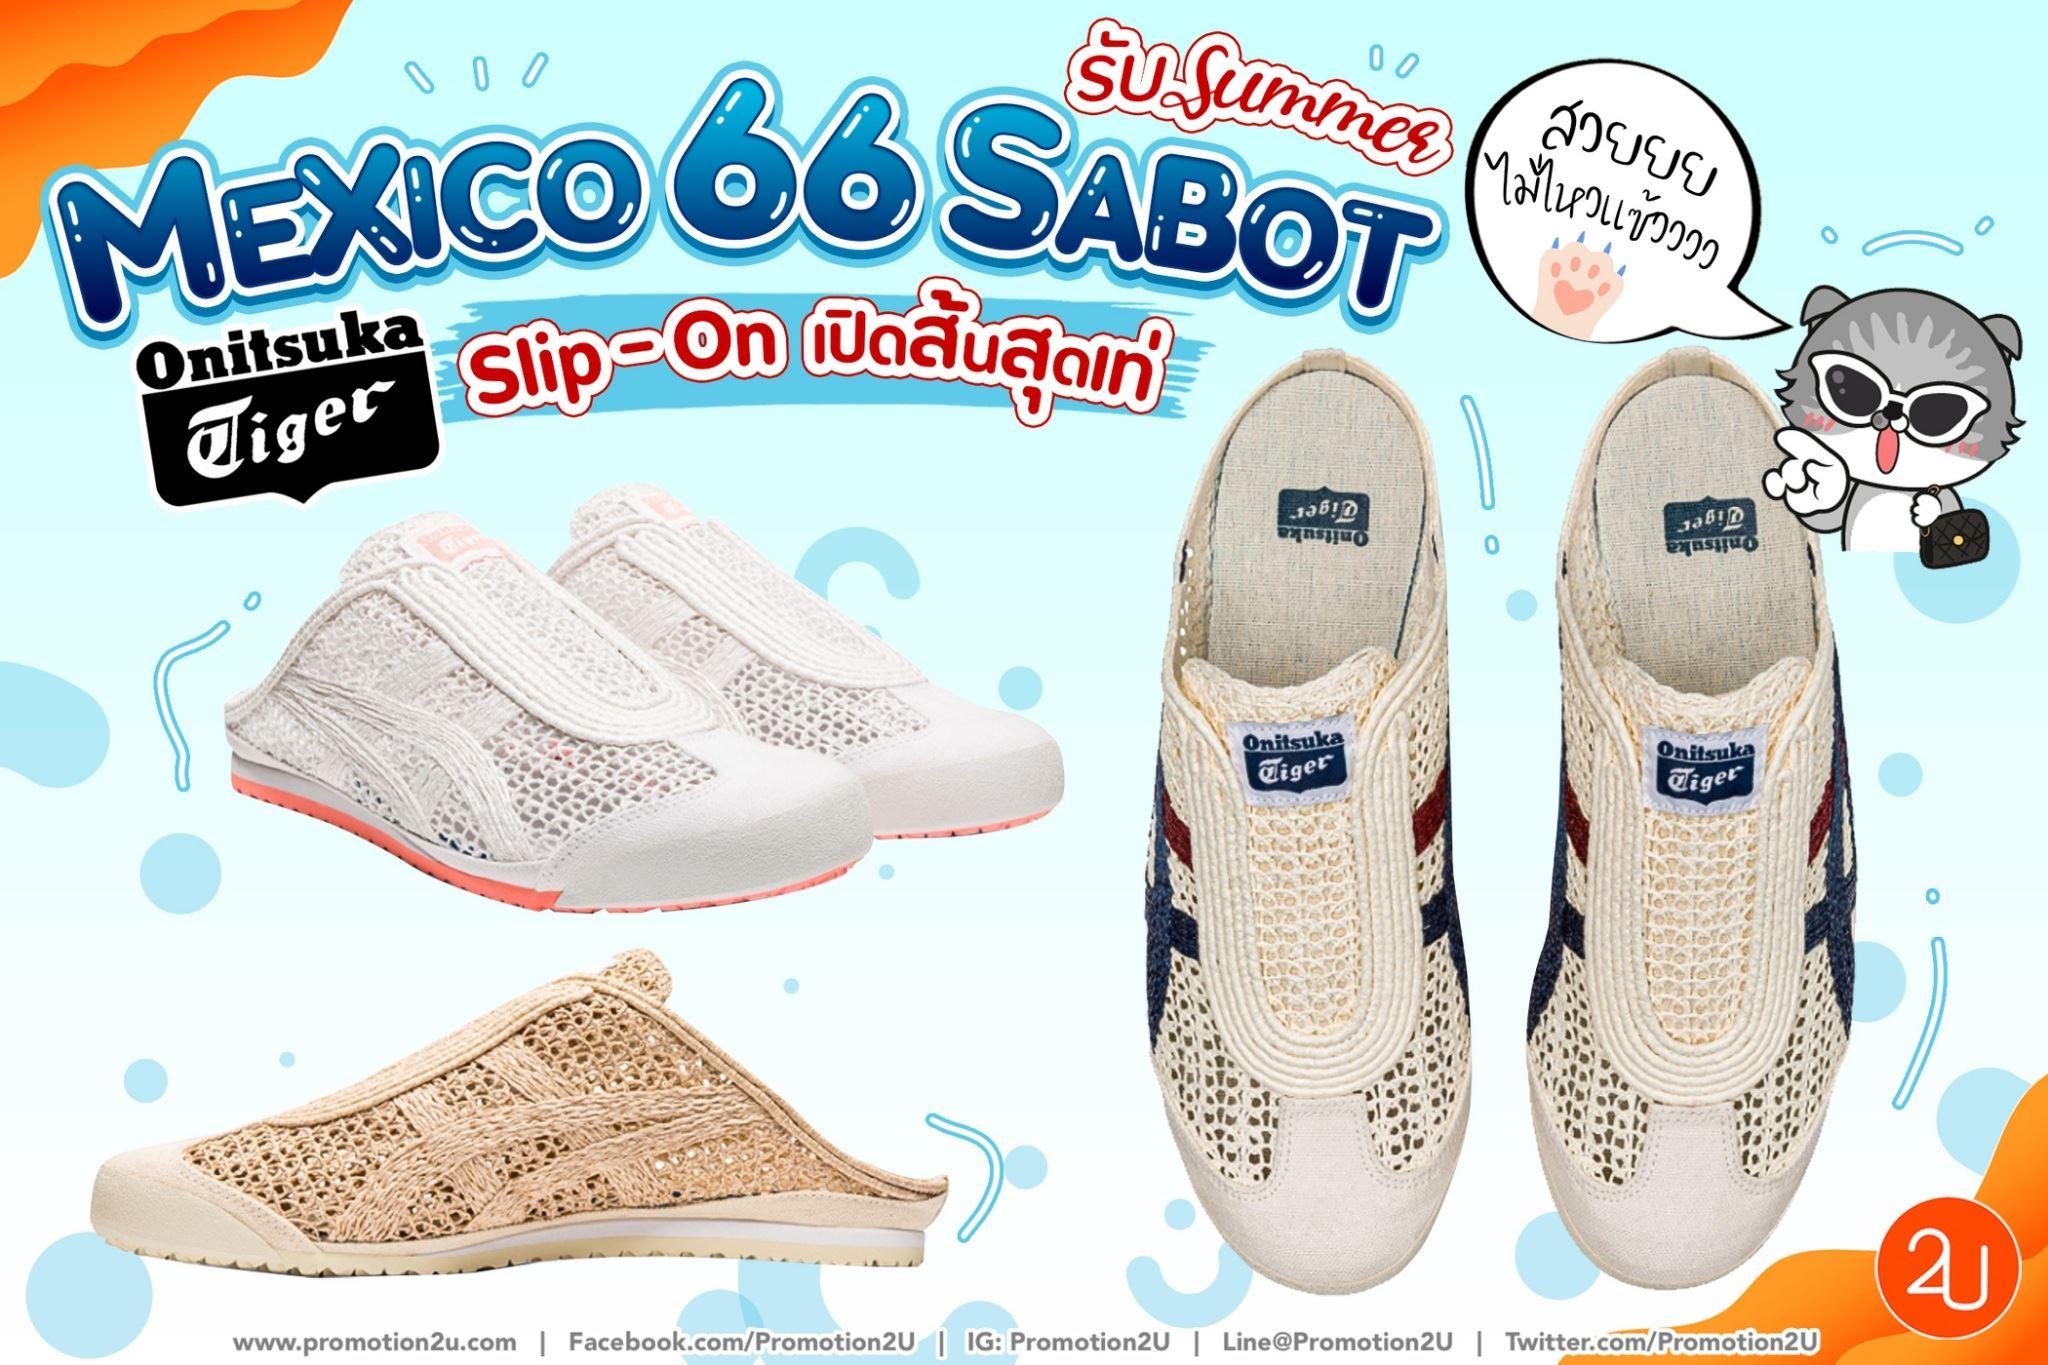 ใหม่‼️ MEXICO 66 SABOT รองเท้า Slip-On เปิดส้นสุดเท่ จาก Onitsuka Tiger